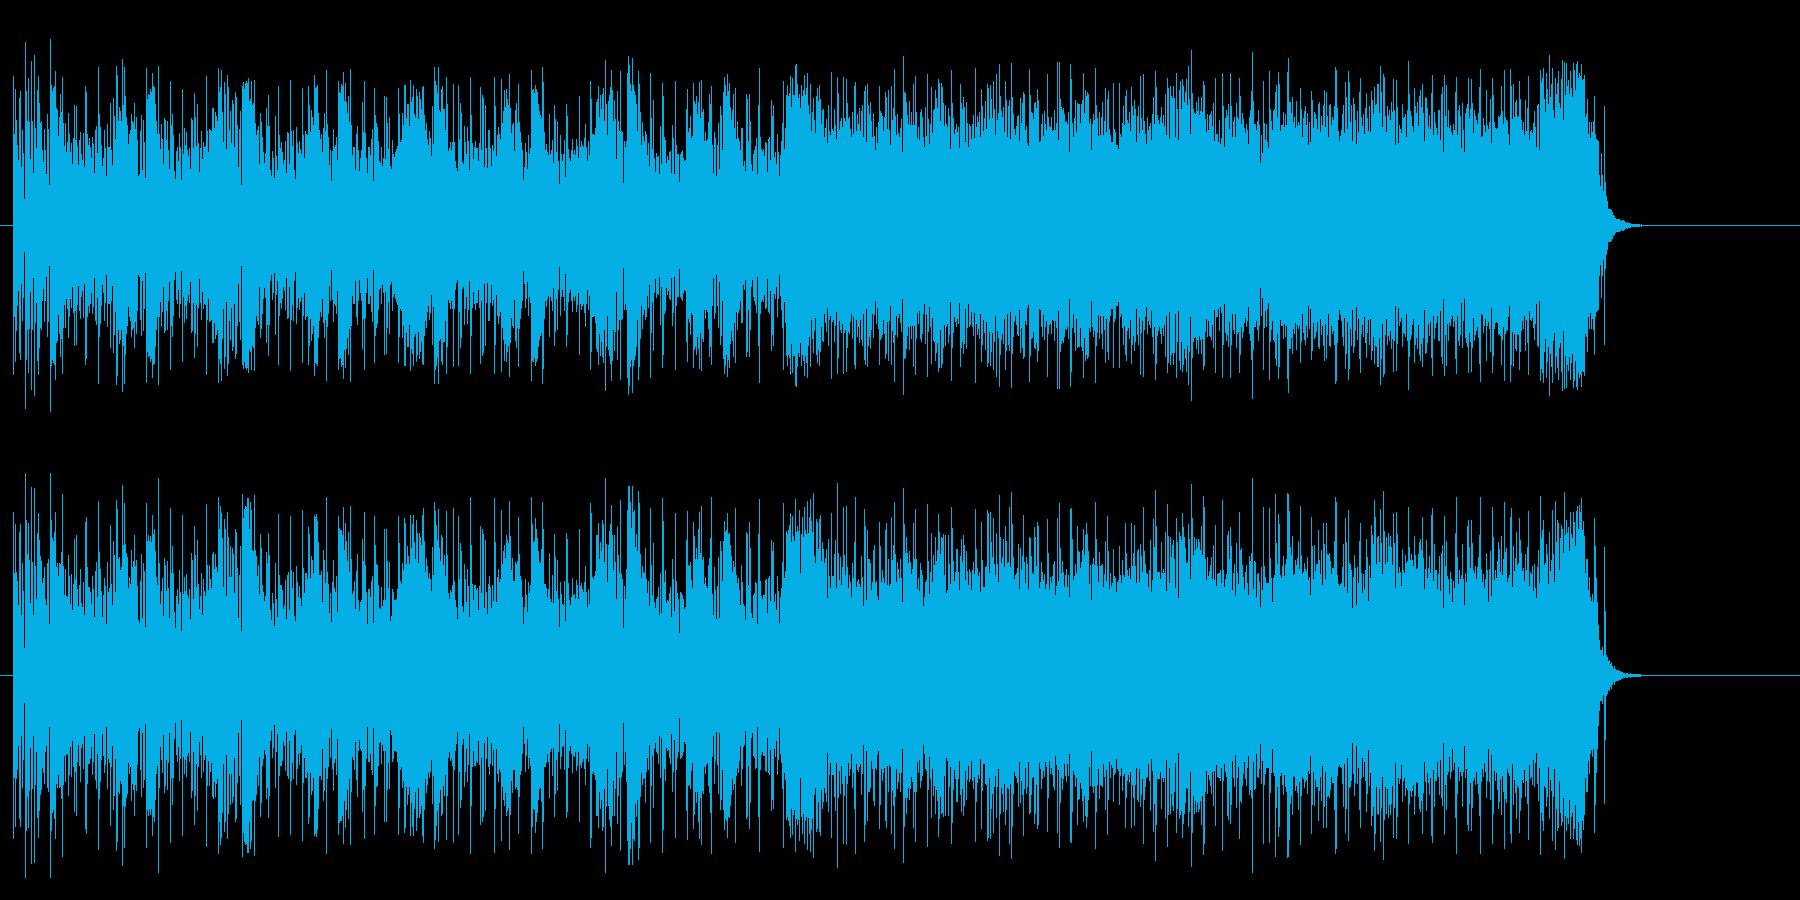 ギターが攻撃的なマイナーハードポップスの再生済みの波形